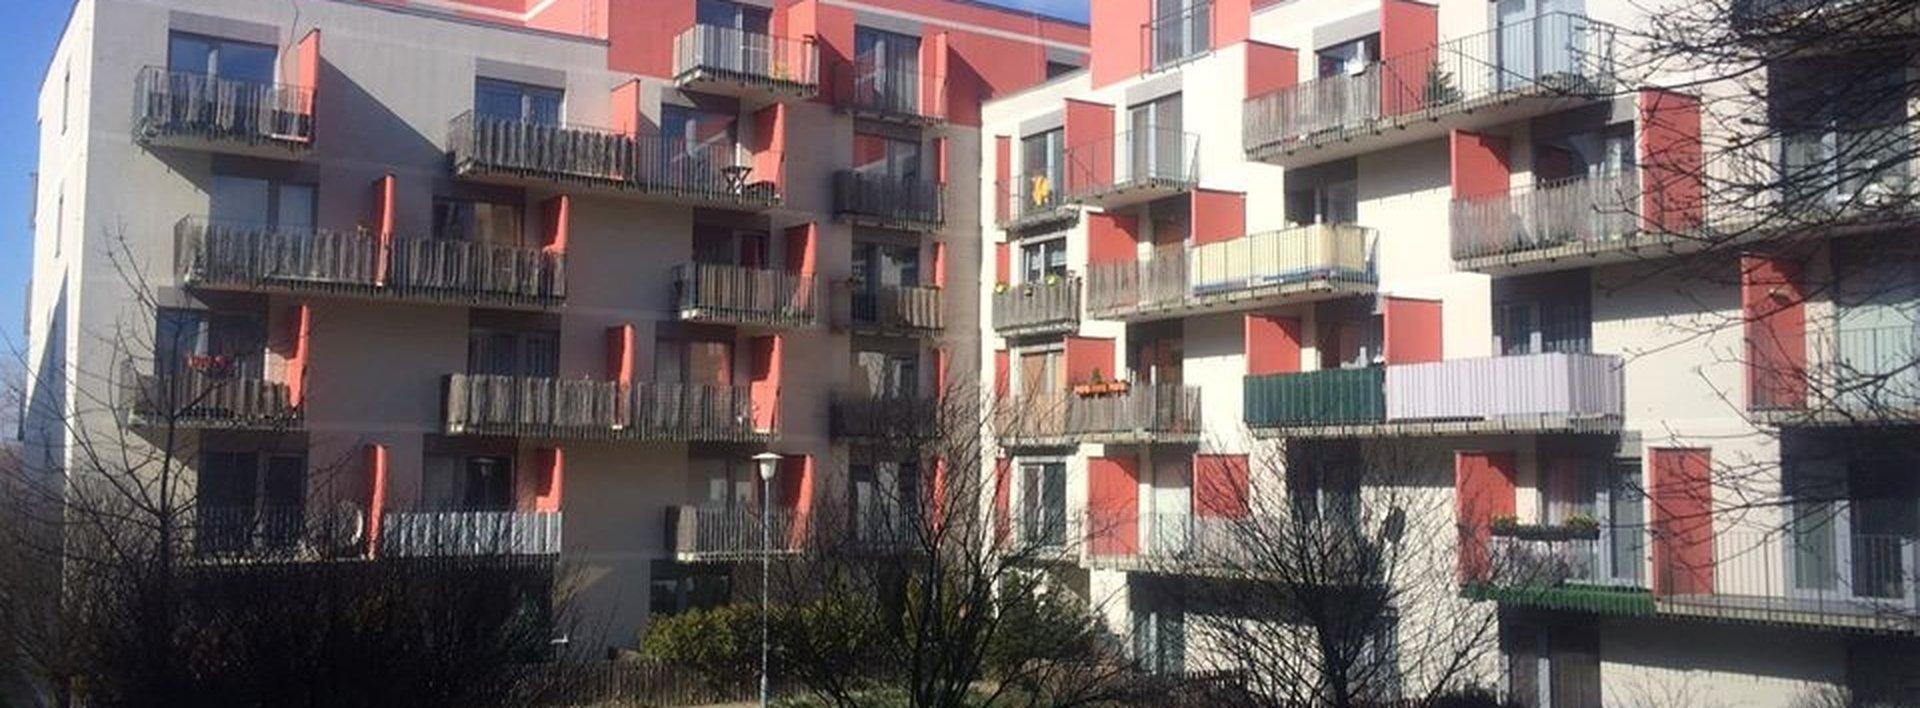 Pronájem hezkého bytu 1+kk, ul. Hedvábná, Liberec - Rochlice